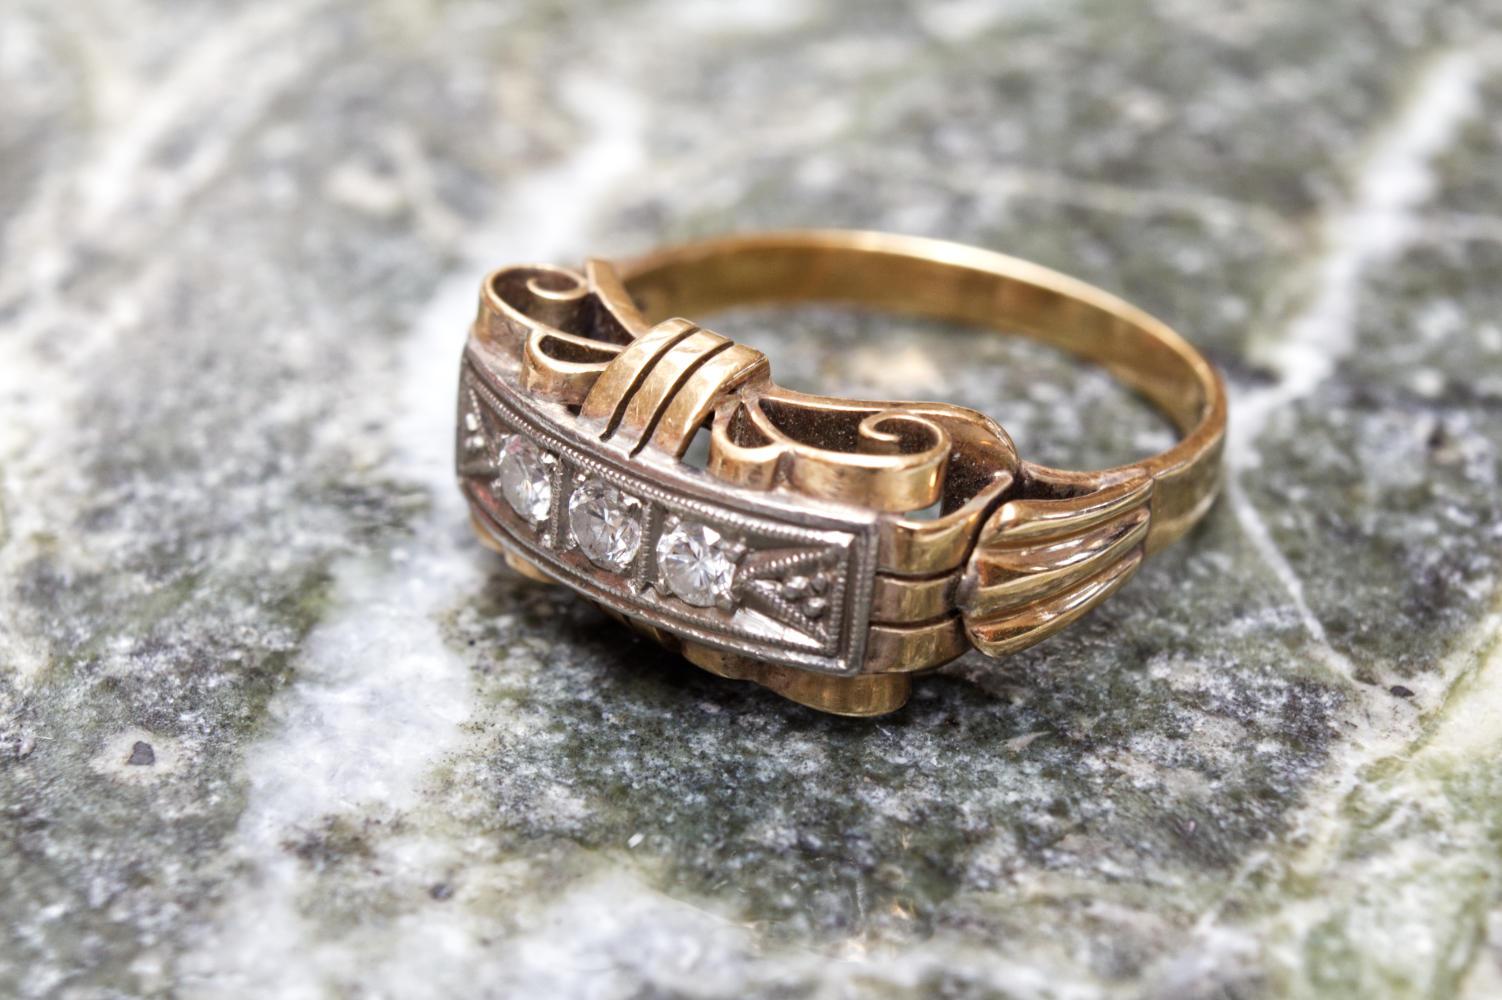 Antiker Ring mit Brillanten und in 585er Gold gefasst von der seitlichen Front auf Marmor zu sehen.